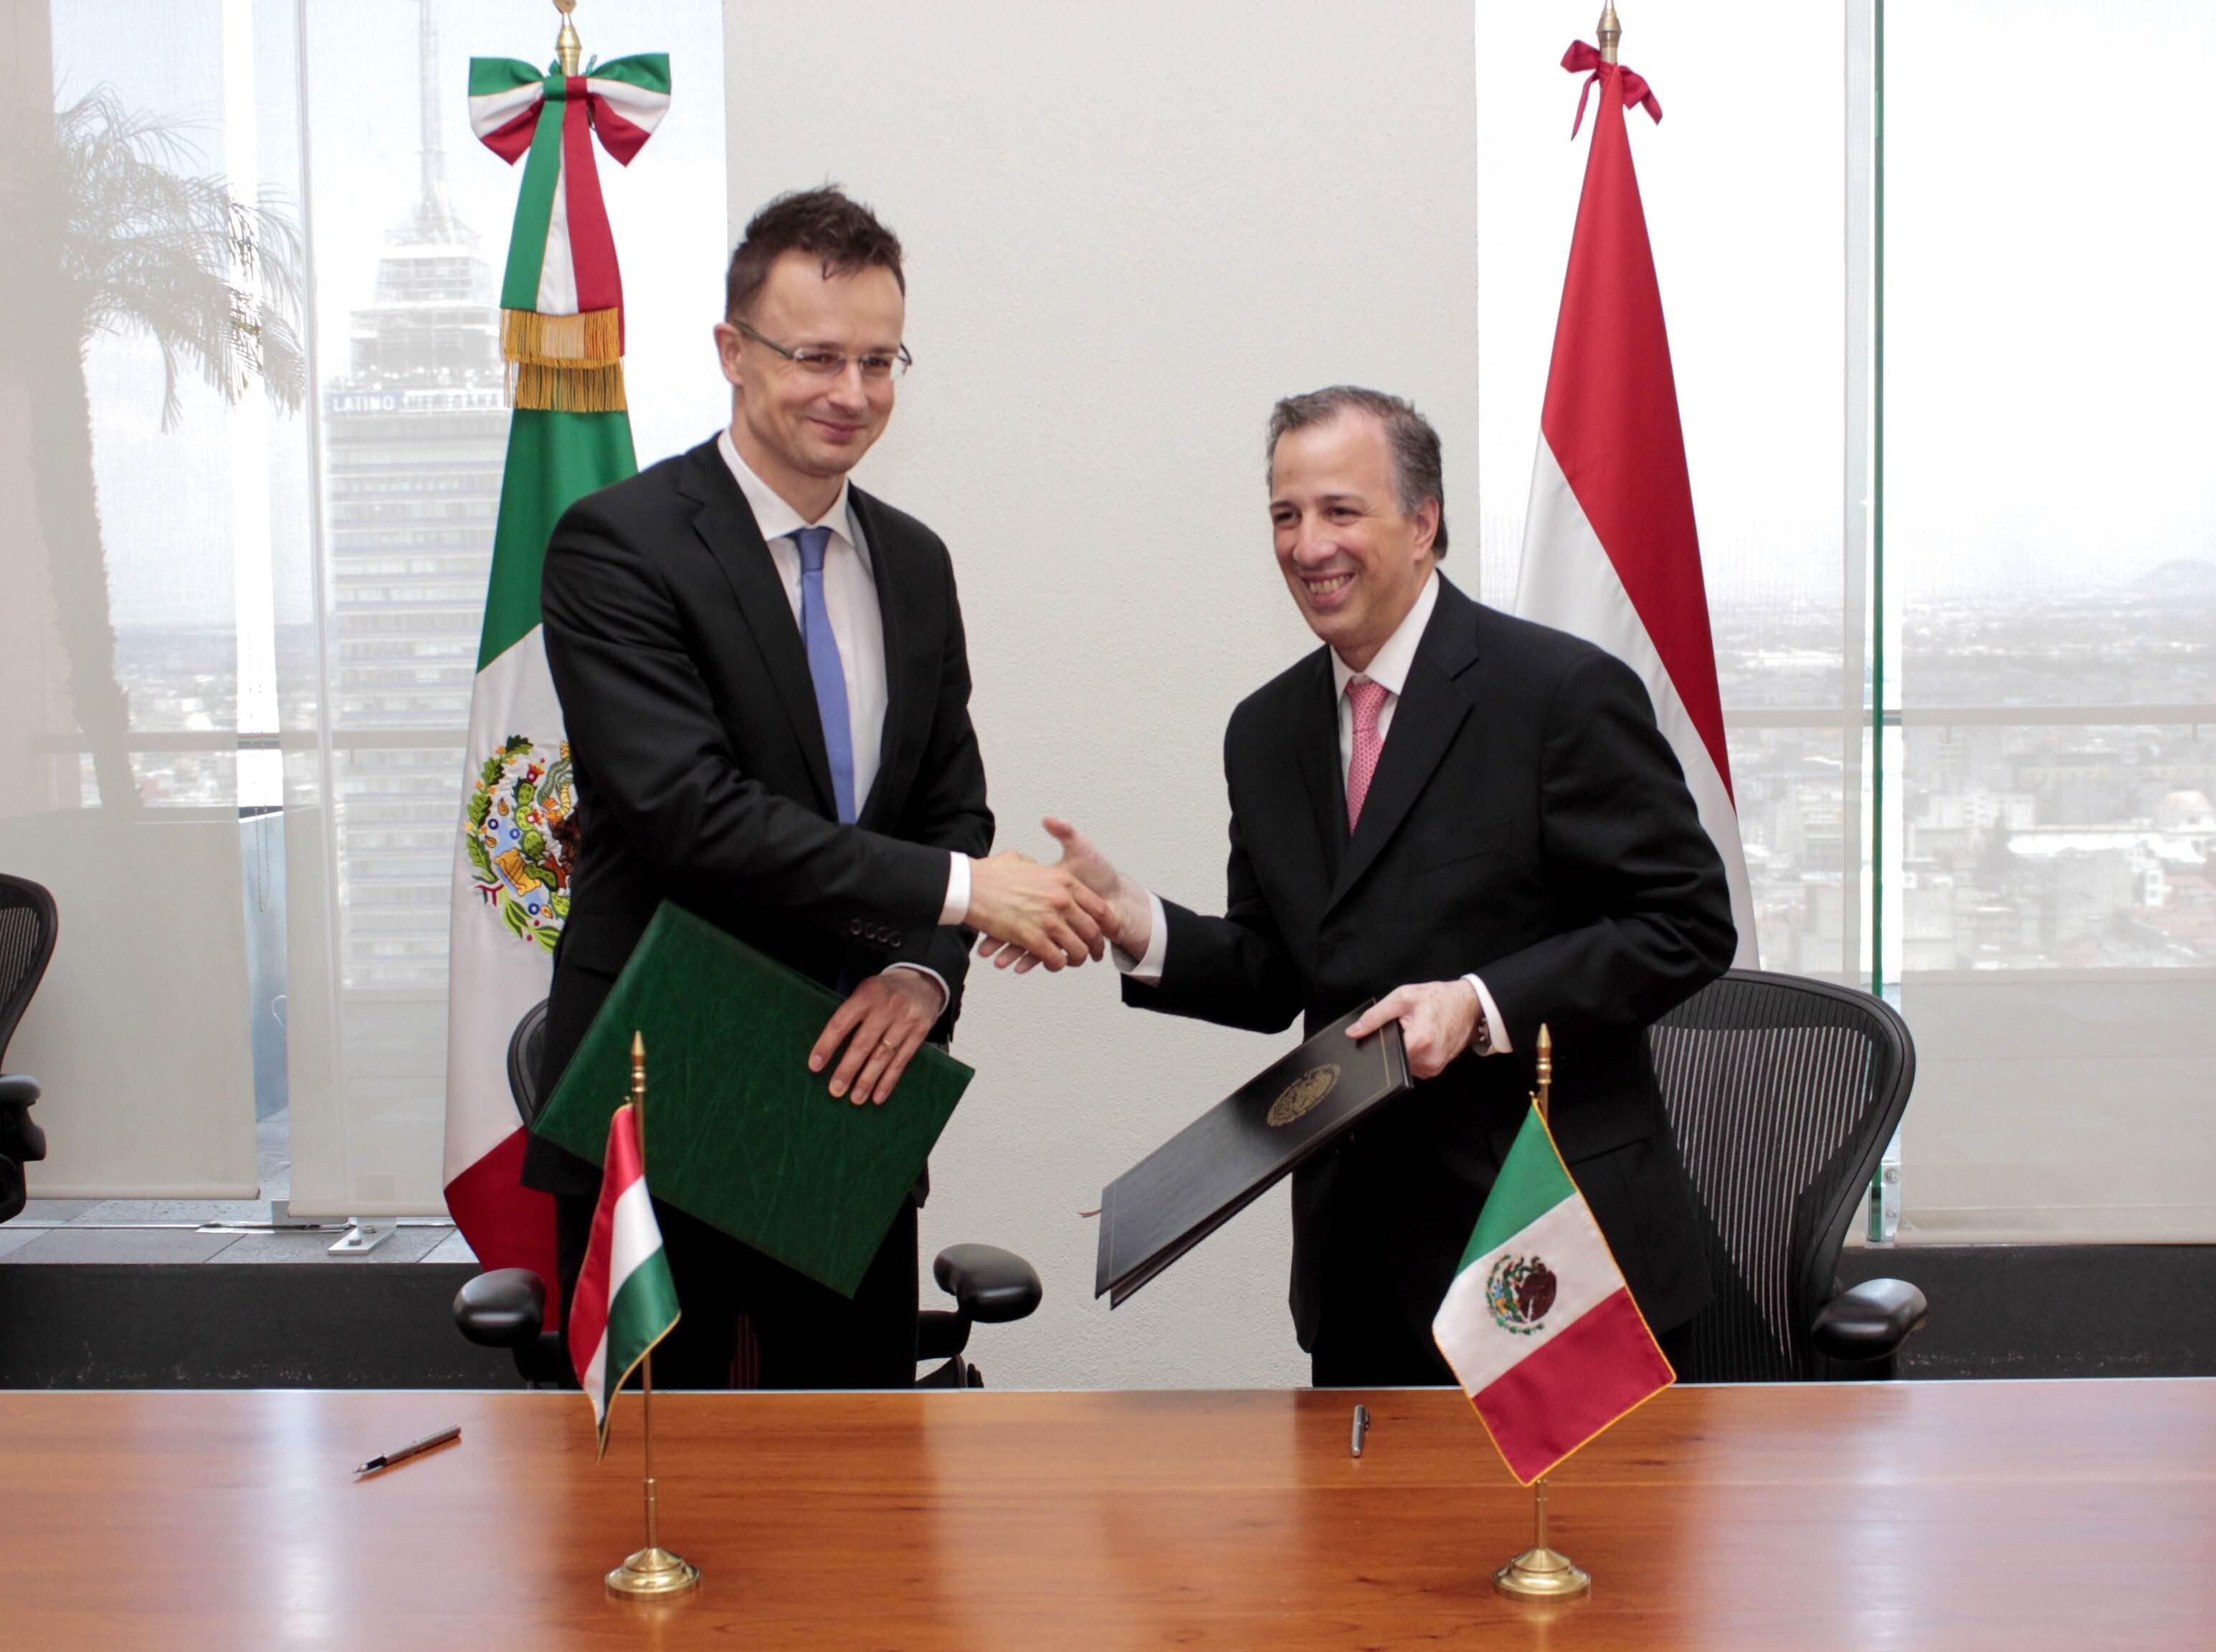 FOTO 3 Canciller Jos  Antonio Meade con el ministro de Relaciones Exteriores y Comercio de Hungr a  P ter Szijj rt jpg